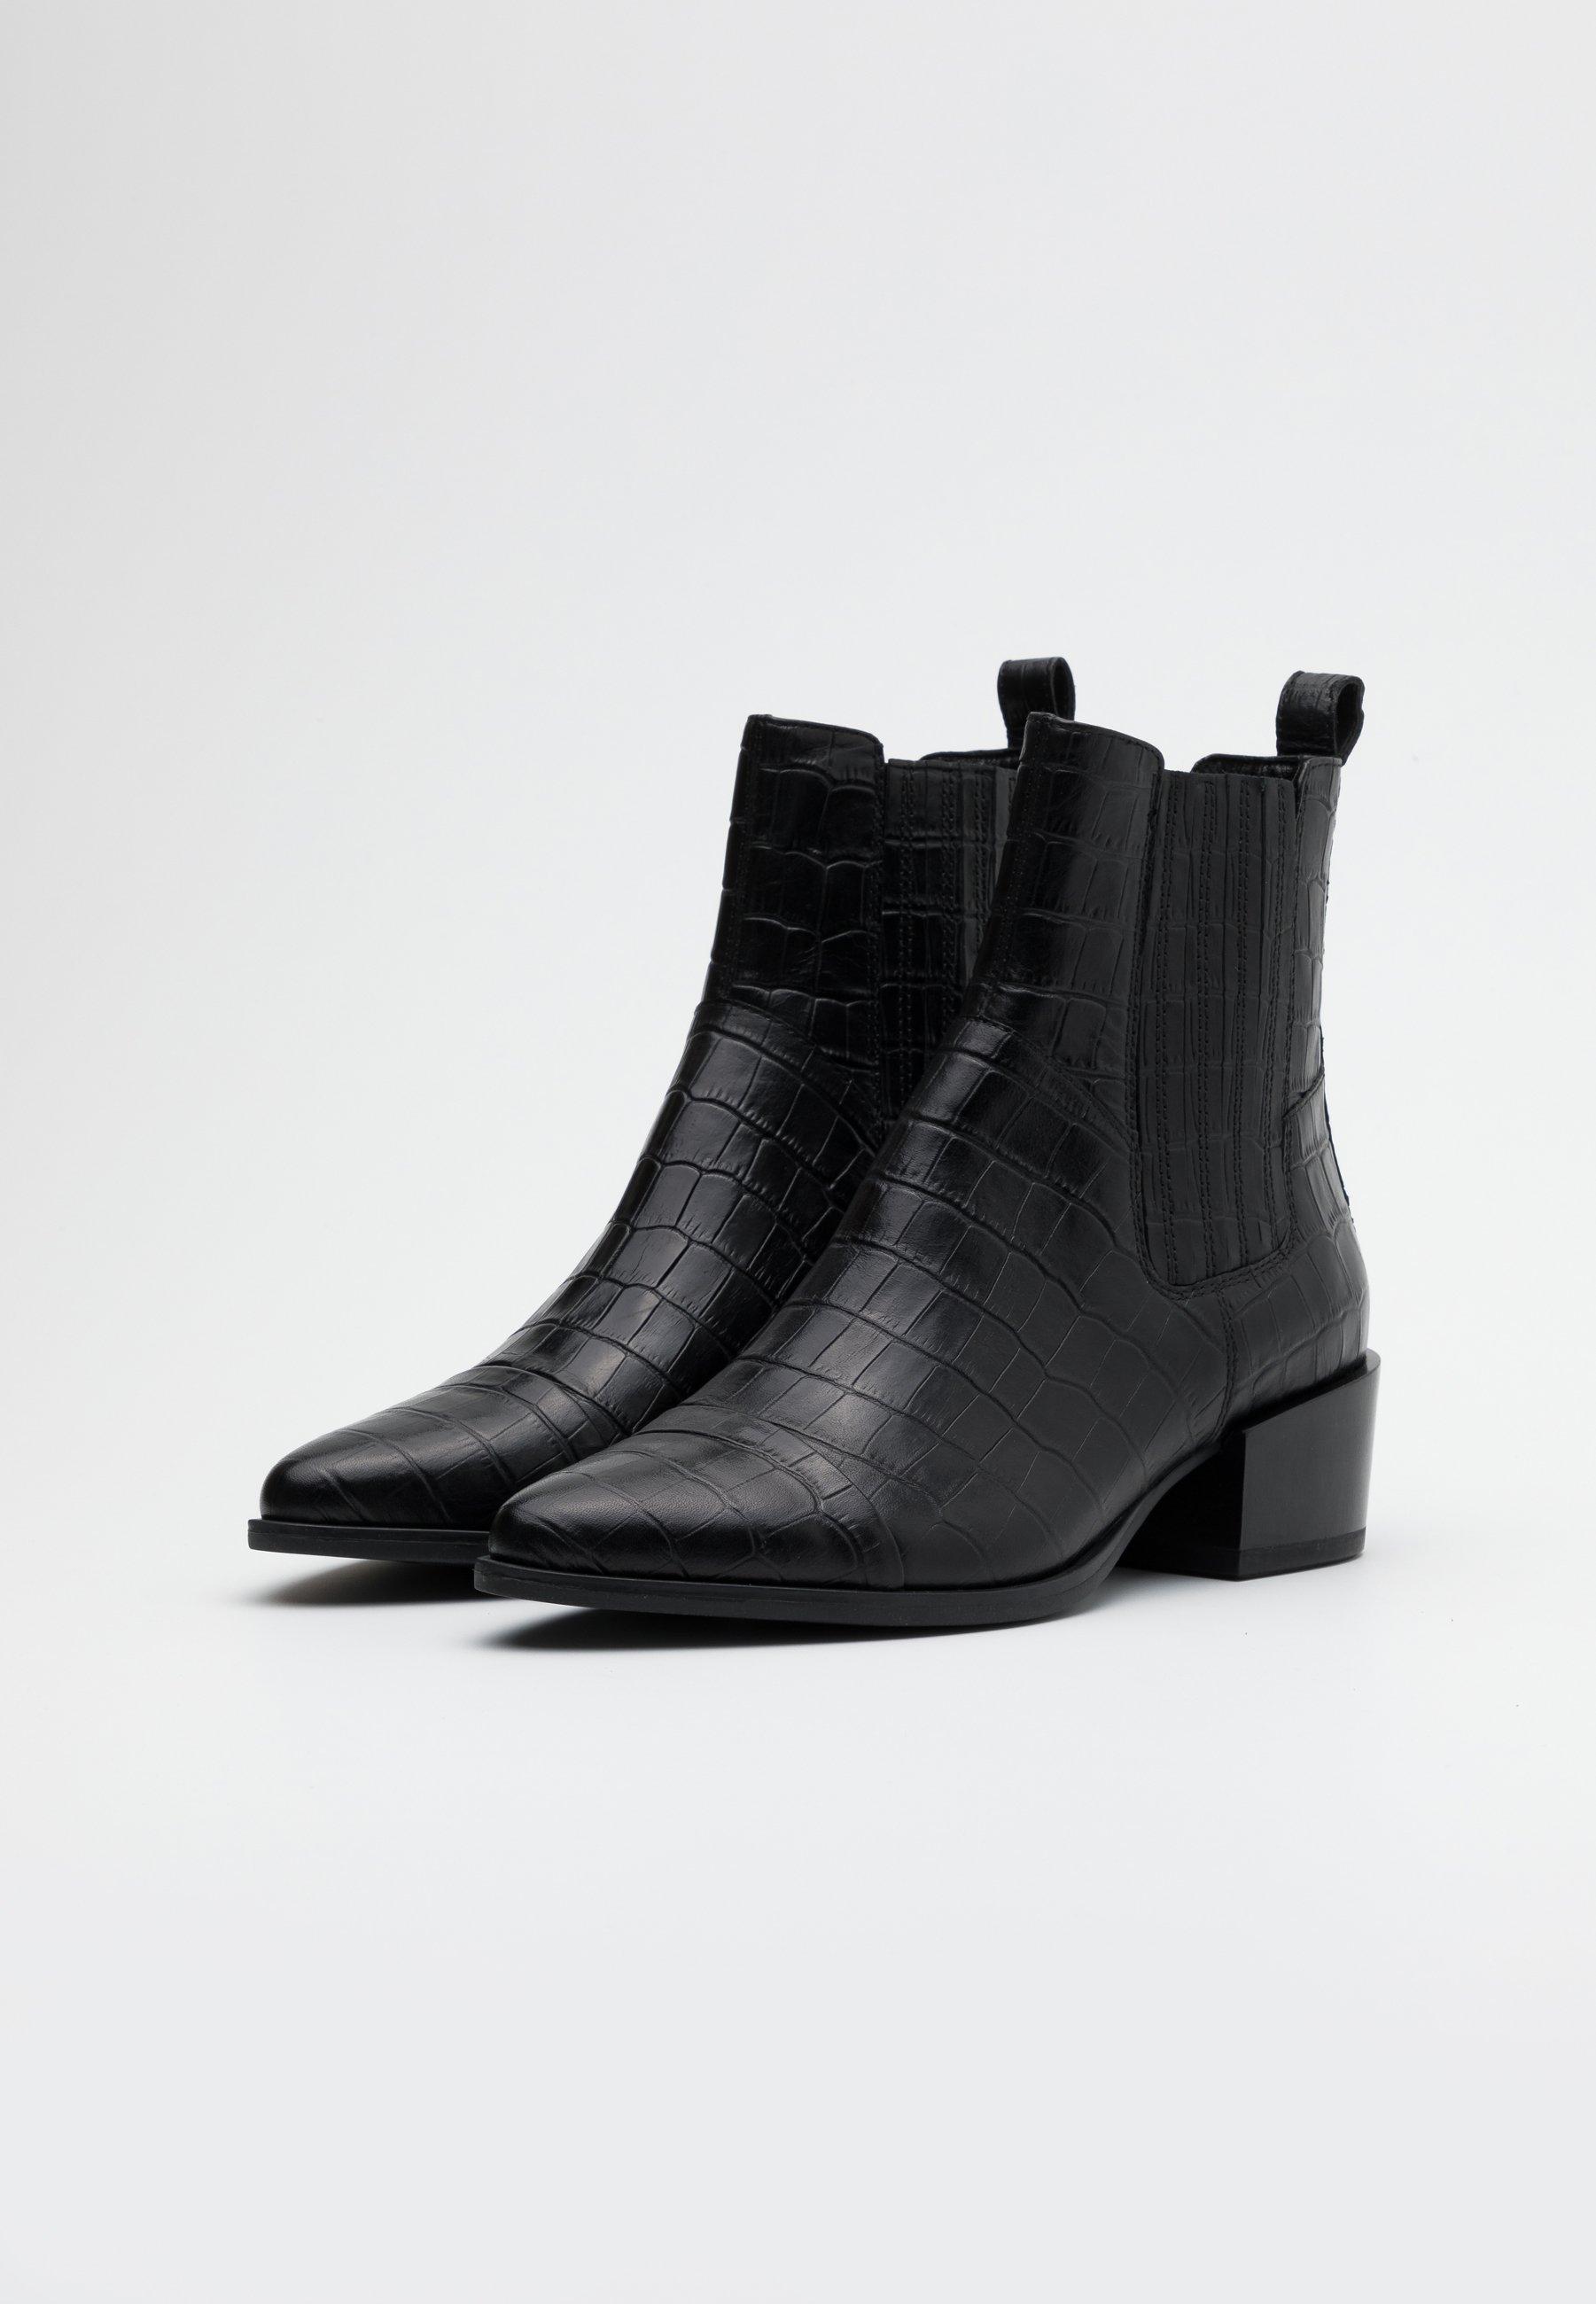 Best Authentic Cut-Price Women's Shoes Vagabond MARJA Classic ankle boots black ohXxtFsuc Gc6w50MJq